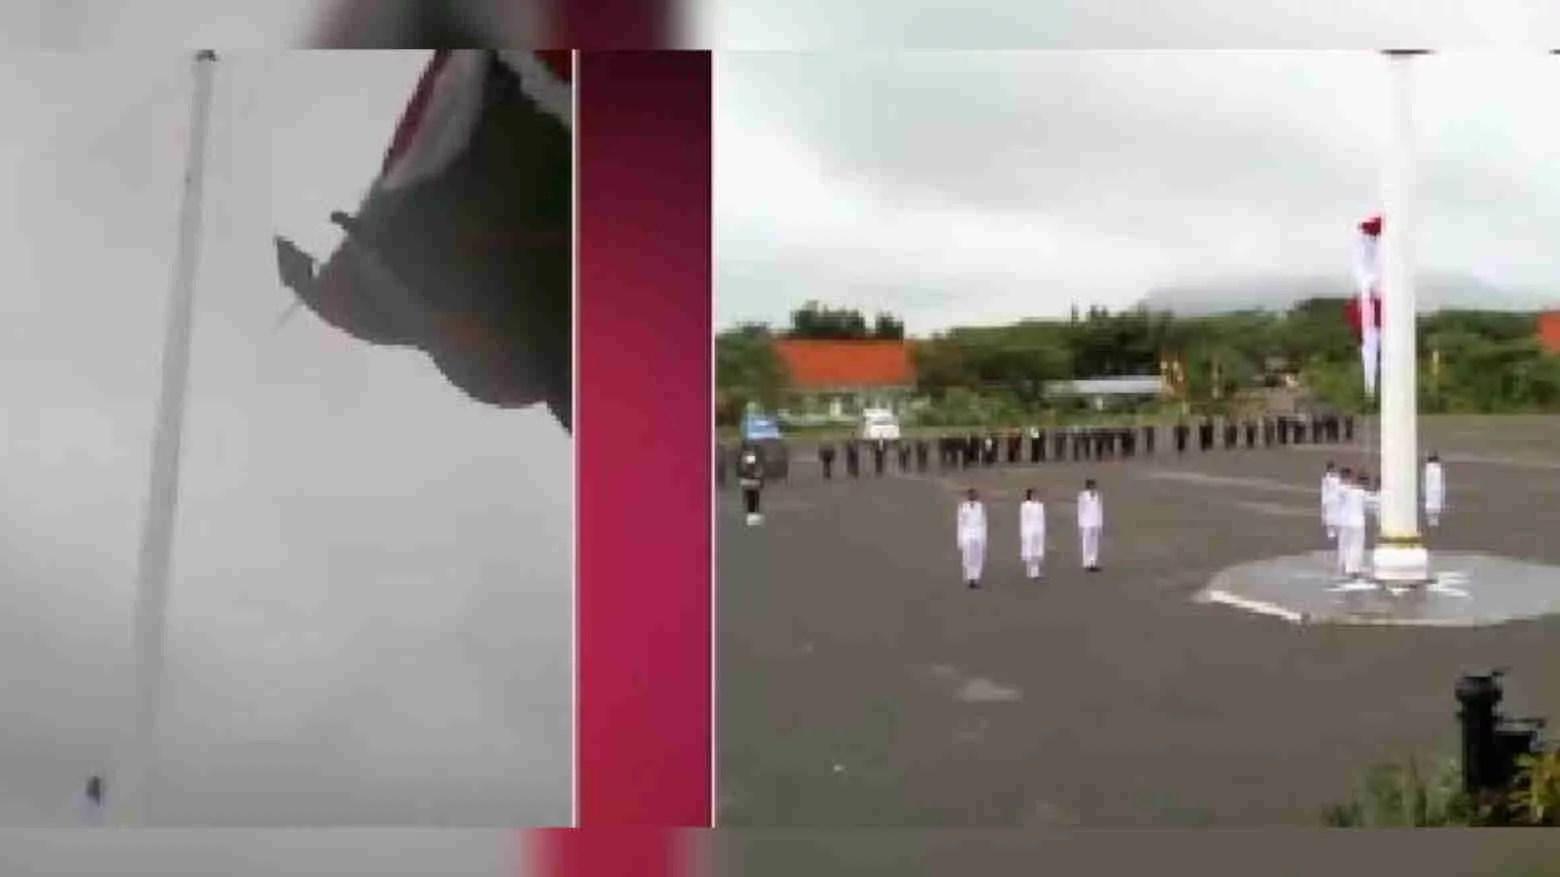 Insiden Merah Putih Jatuh di Konut, SEMMI Sultra: Tak Usah Dibesar-besarkan